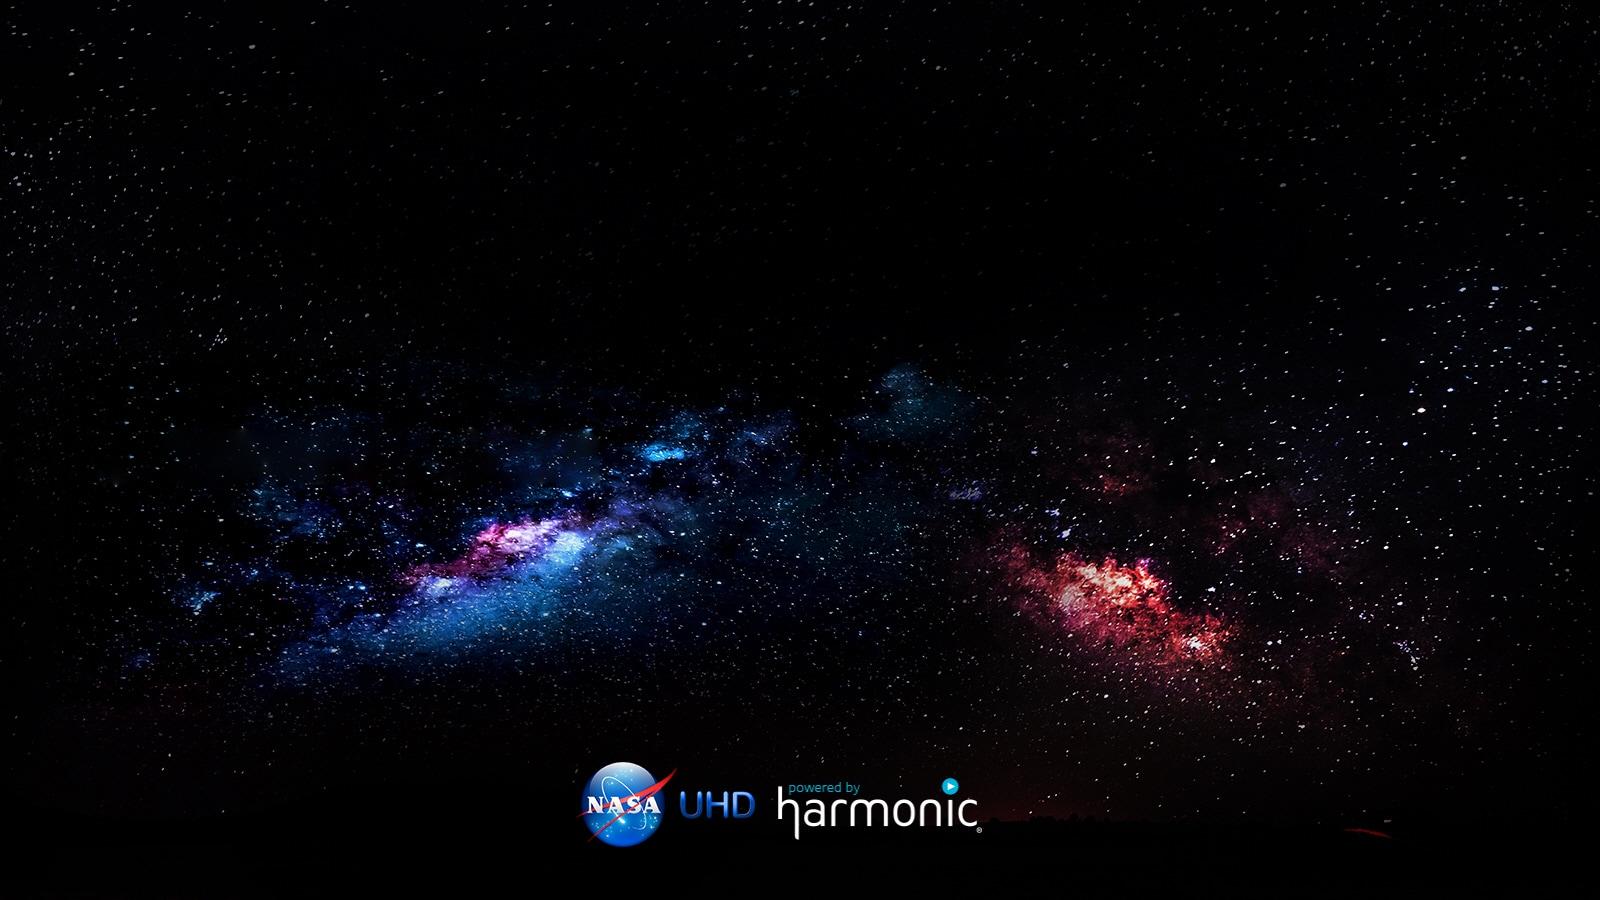 Dėl OLED JUODOS spalvos atspalvių pajusite galingą visatos žavesį